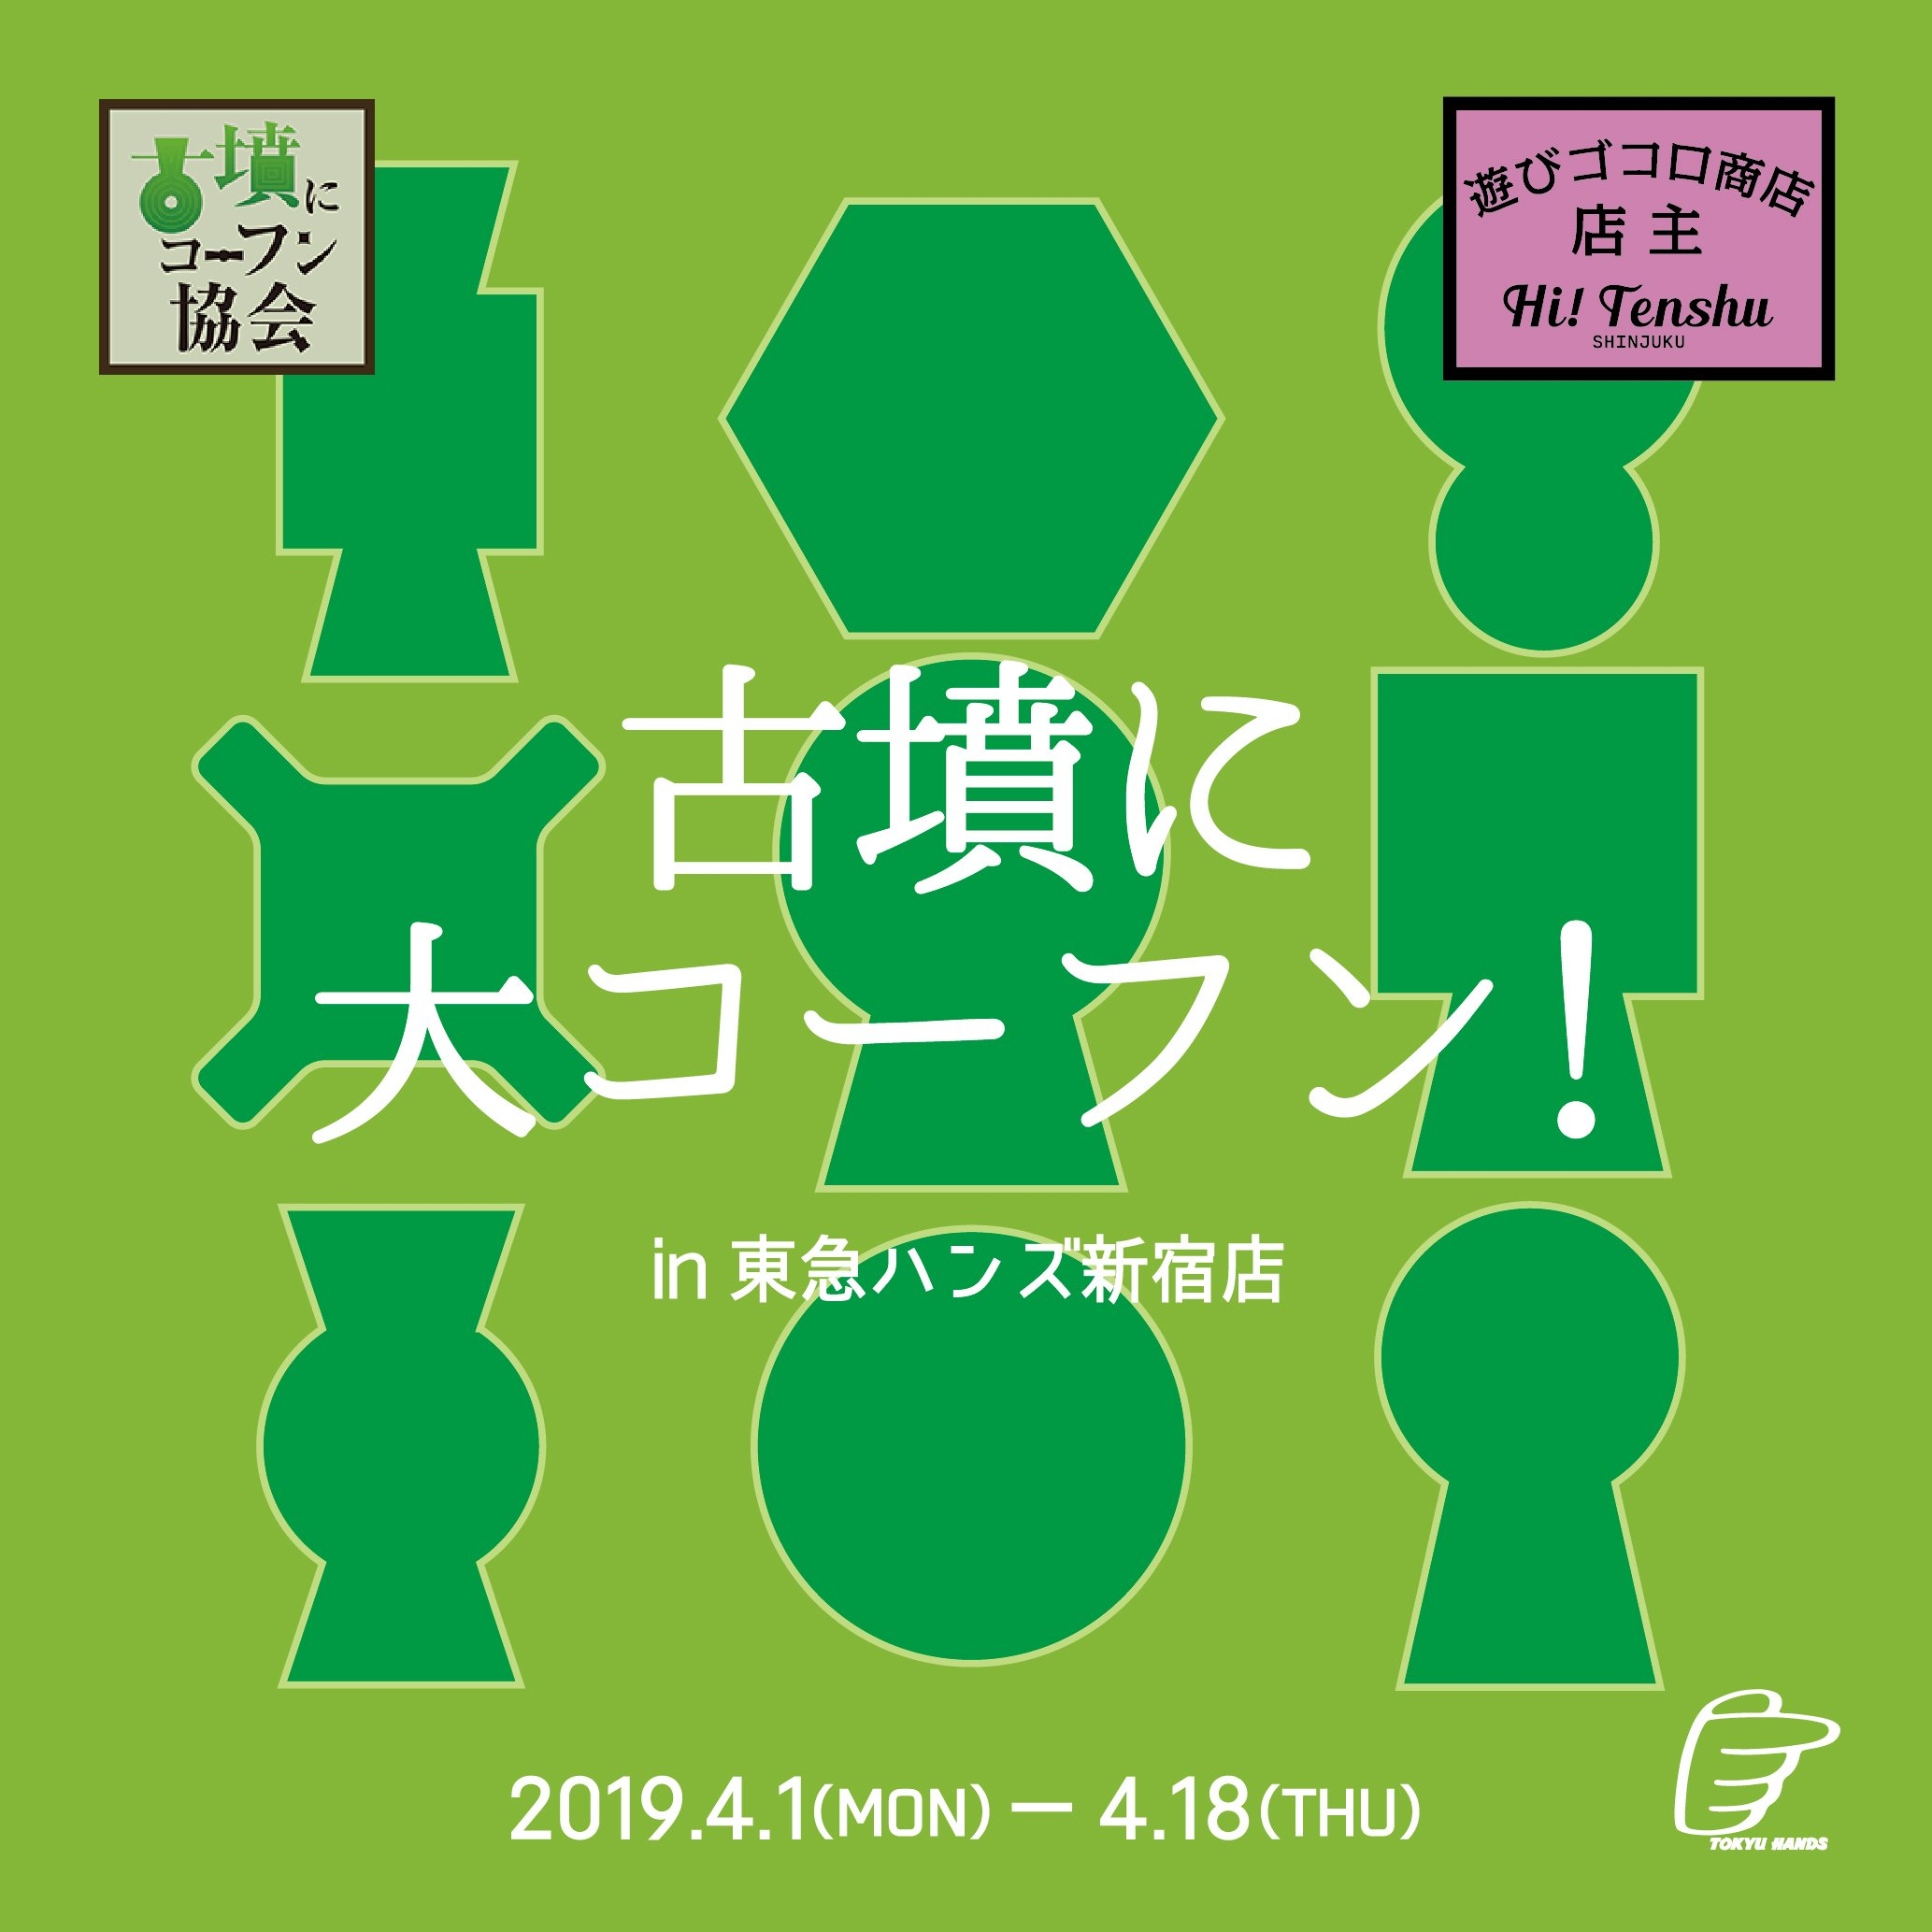 古墳に大コーフン!in 東急ハンズ新宿店